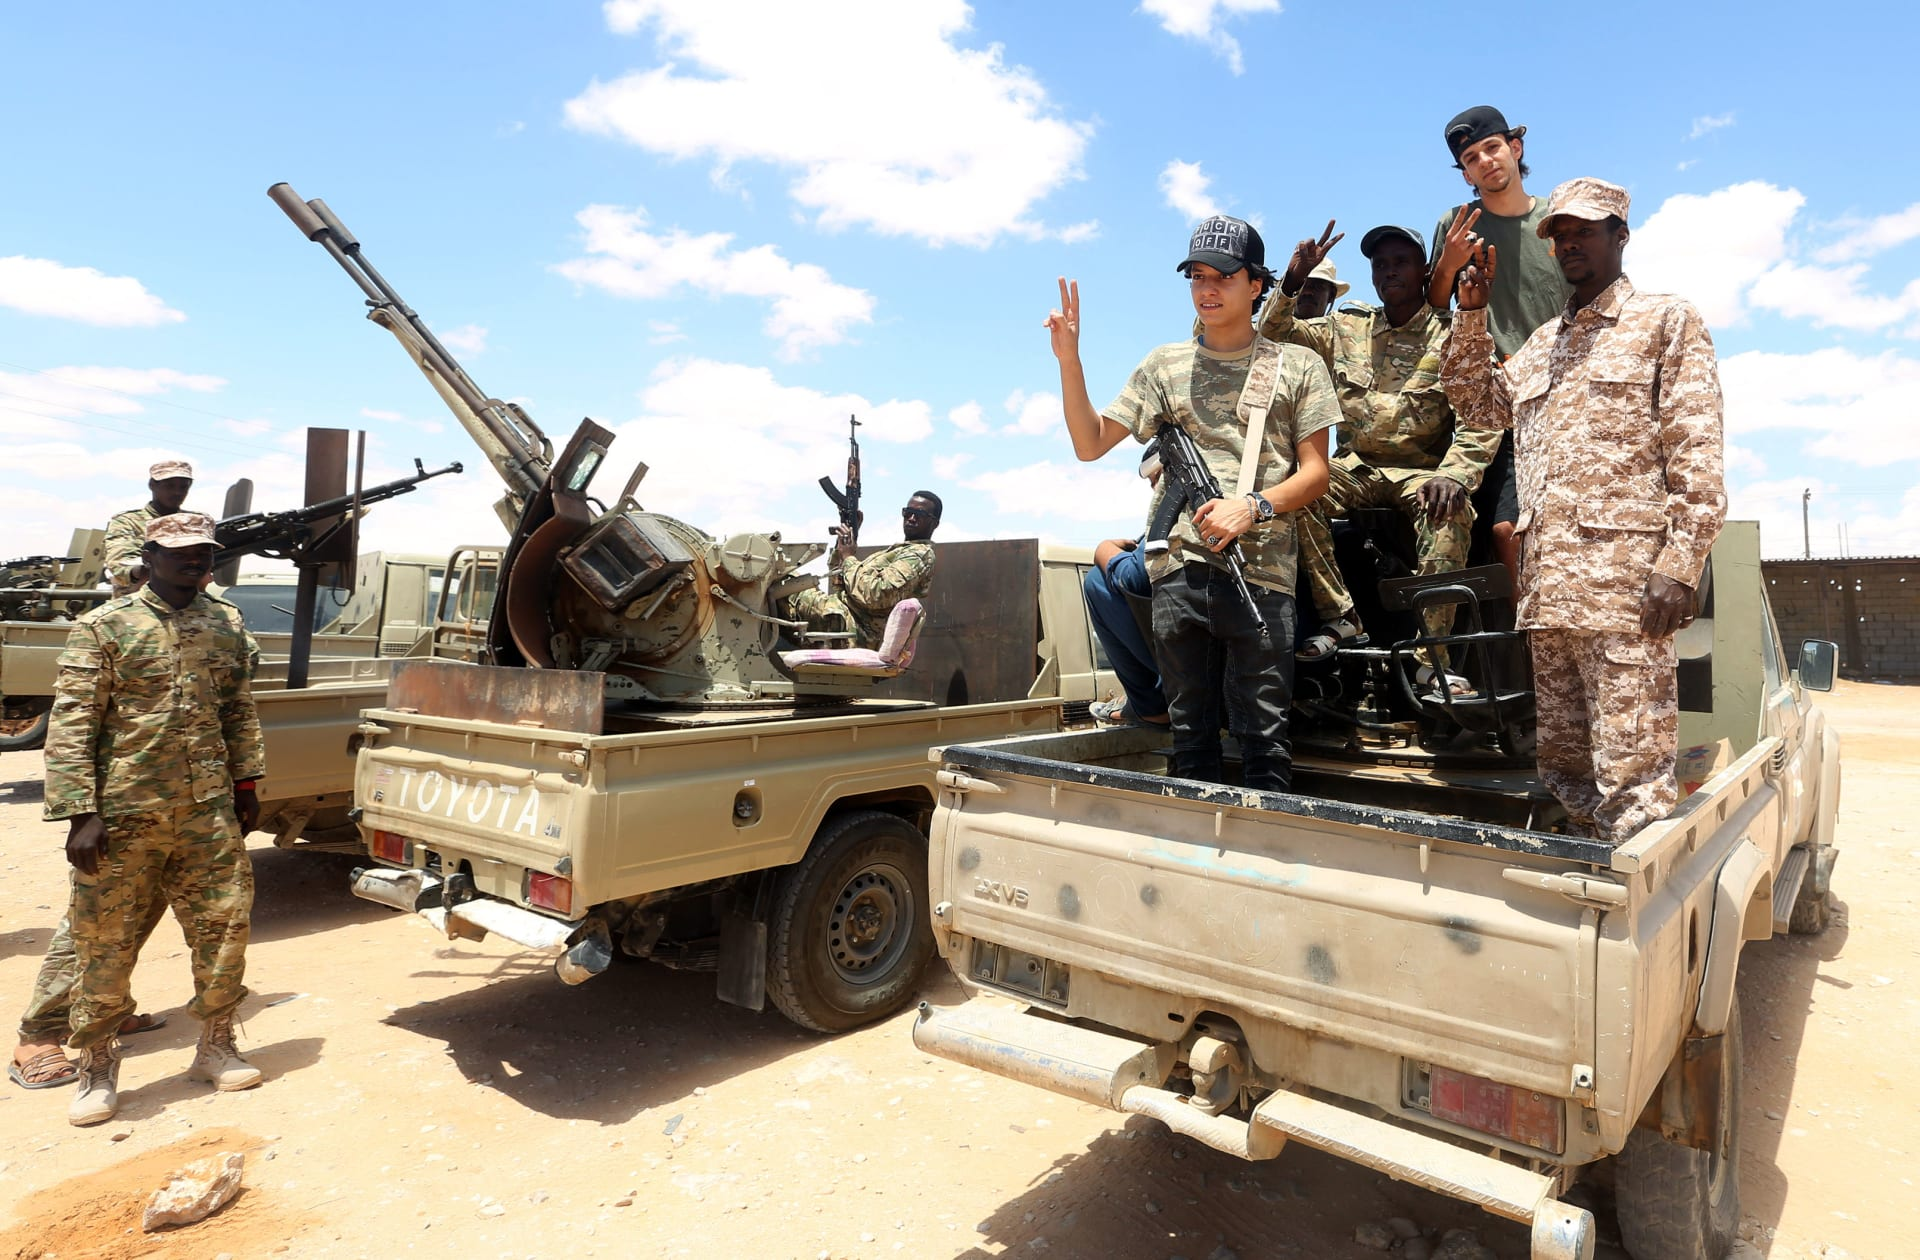 مقاتلون موالون لحكومة الوفاق الوطني في ليبيا